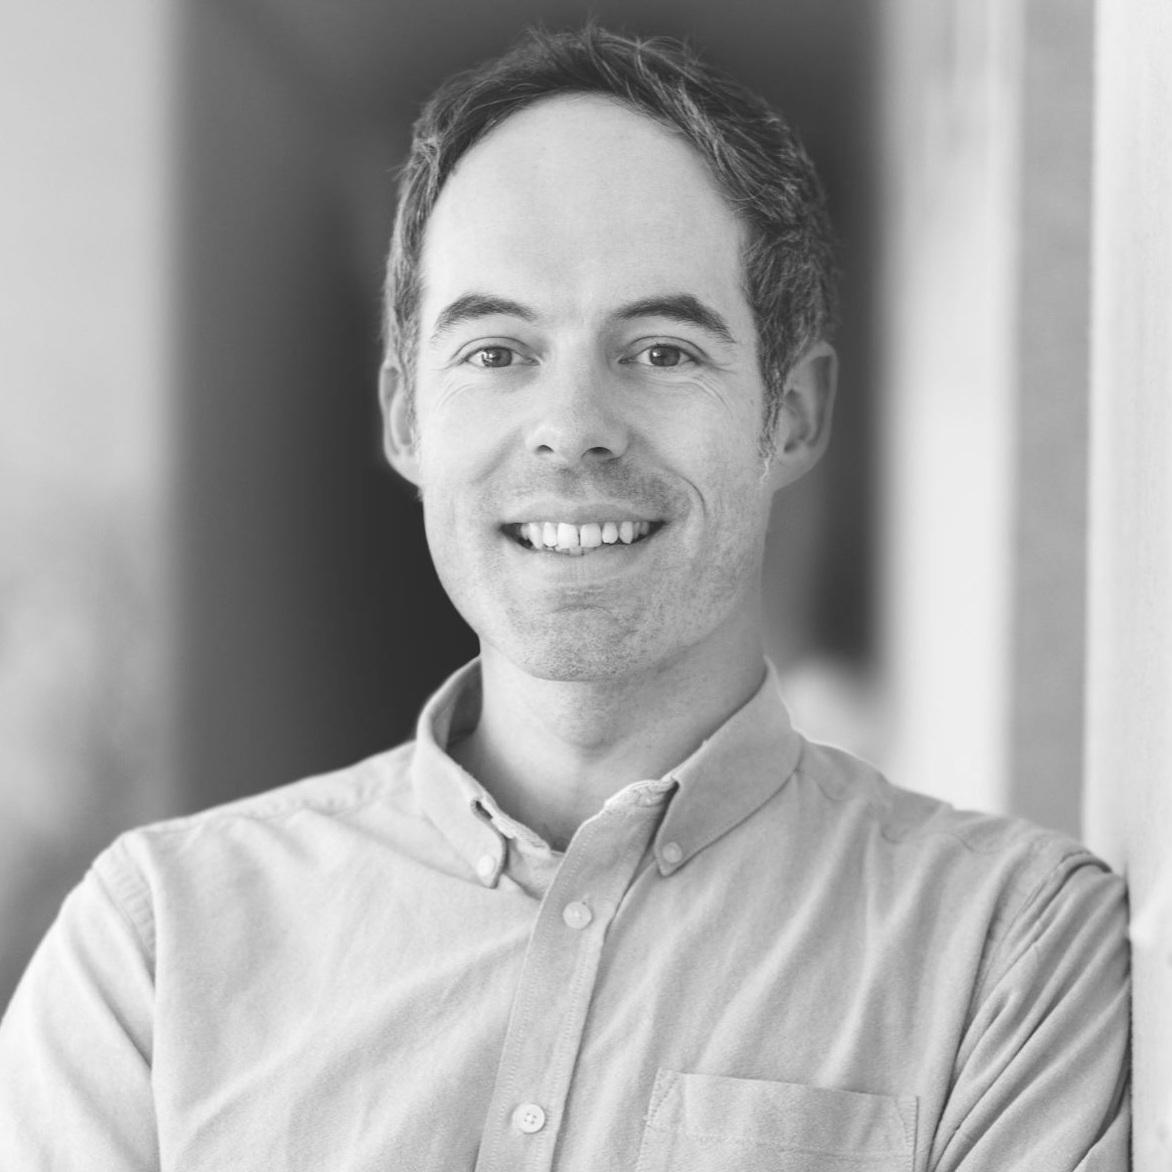 Felix Mattes - Senior UX Designer at Phoenix Design